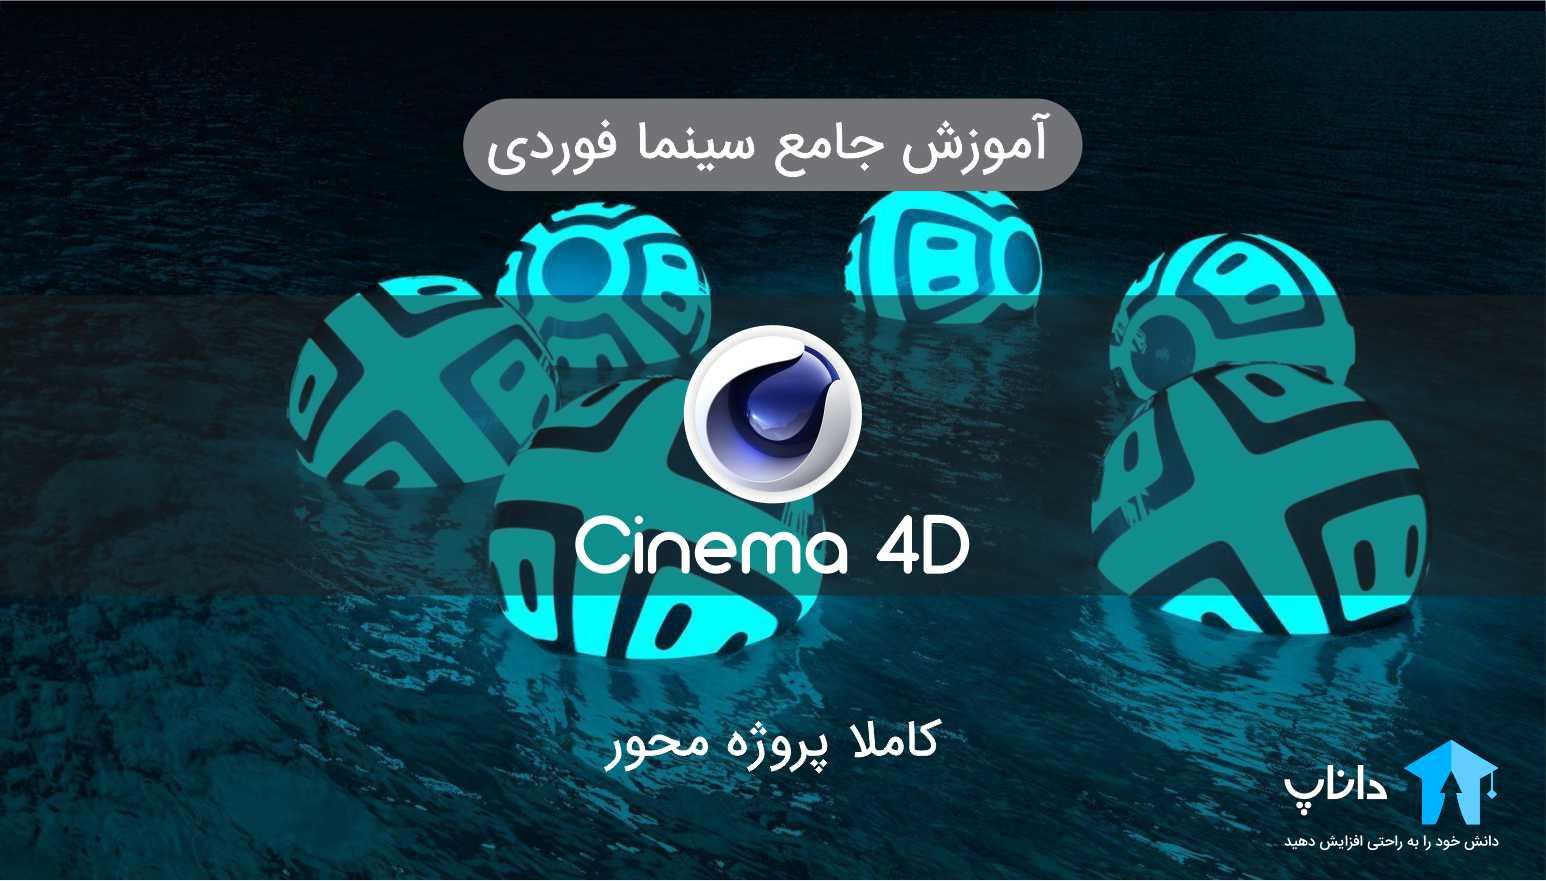 آموزش cinema 4d سینما فوردی